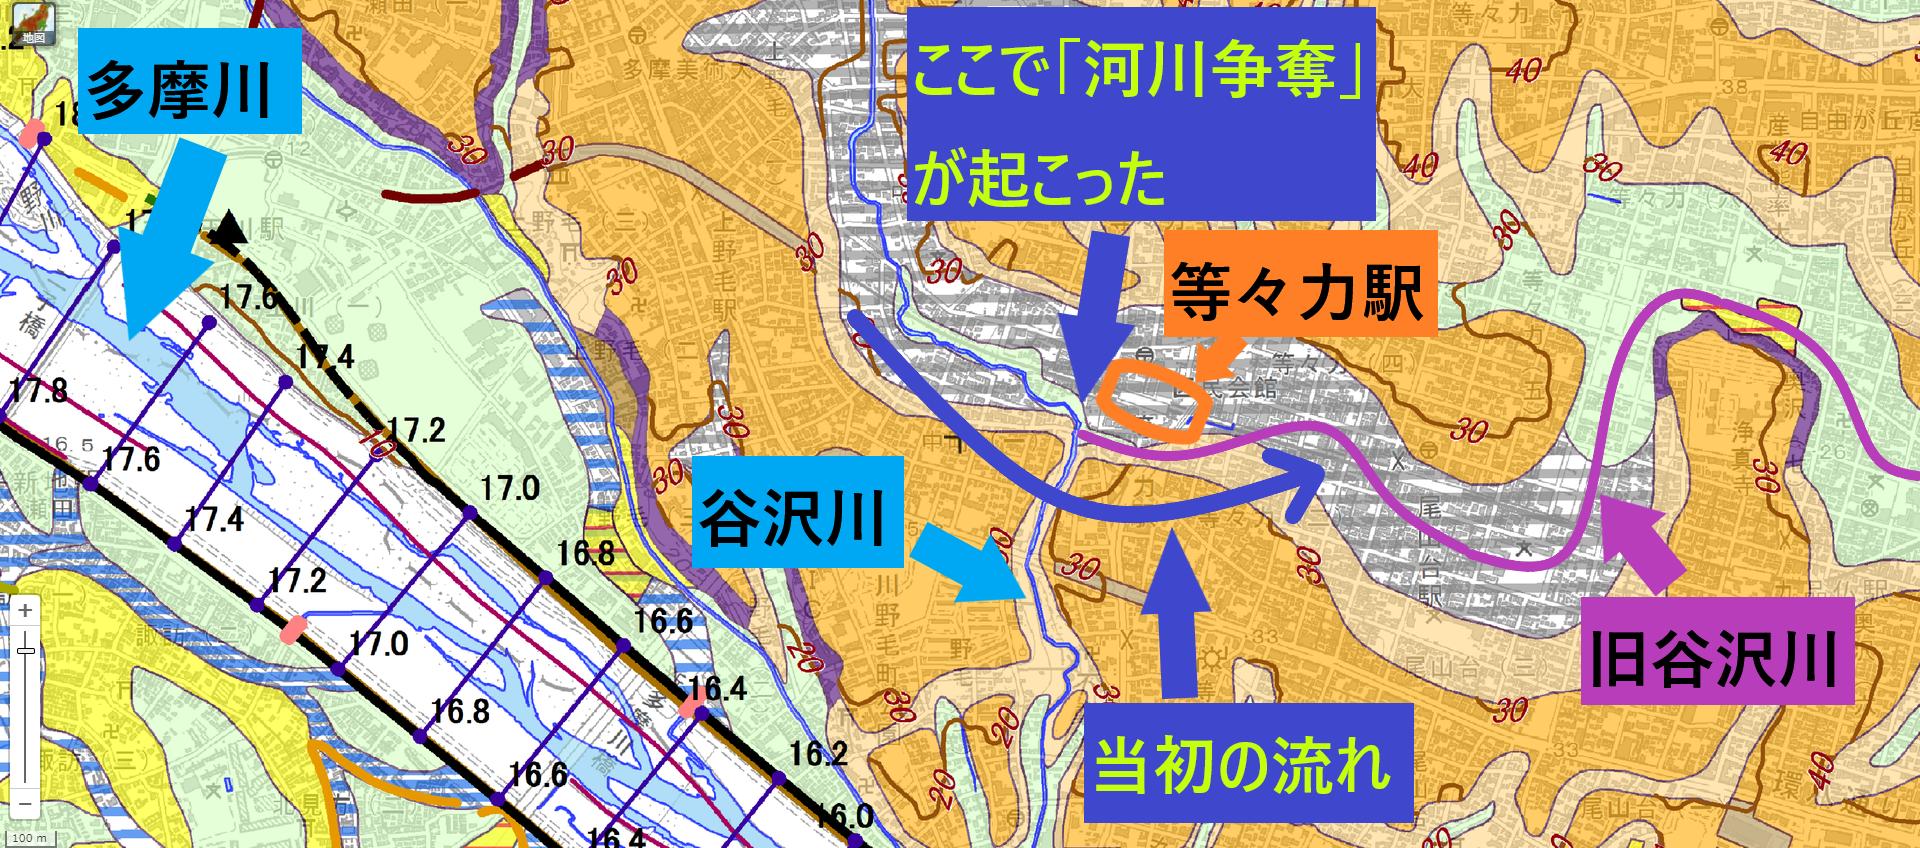 河川争奪 谷沢川 当初の流れ